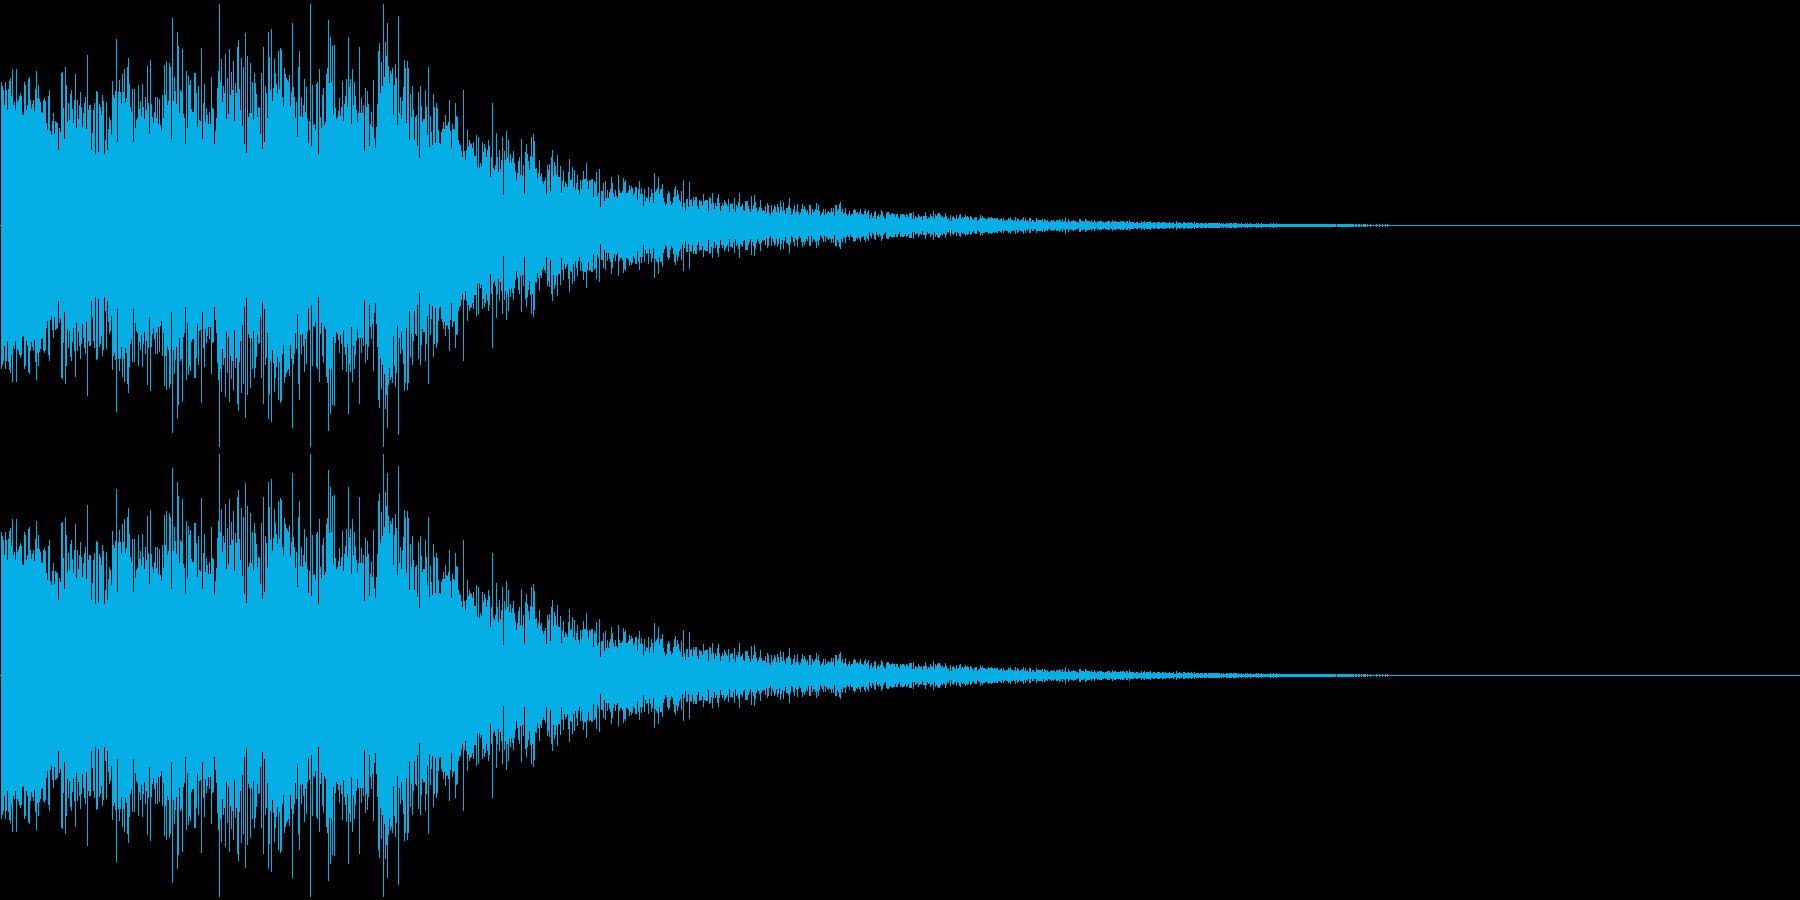 キンコンカンコン☆のど自慢の合格音の再生済みの波形